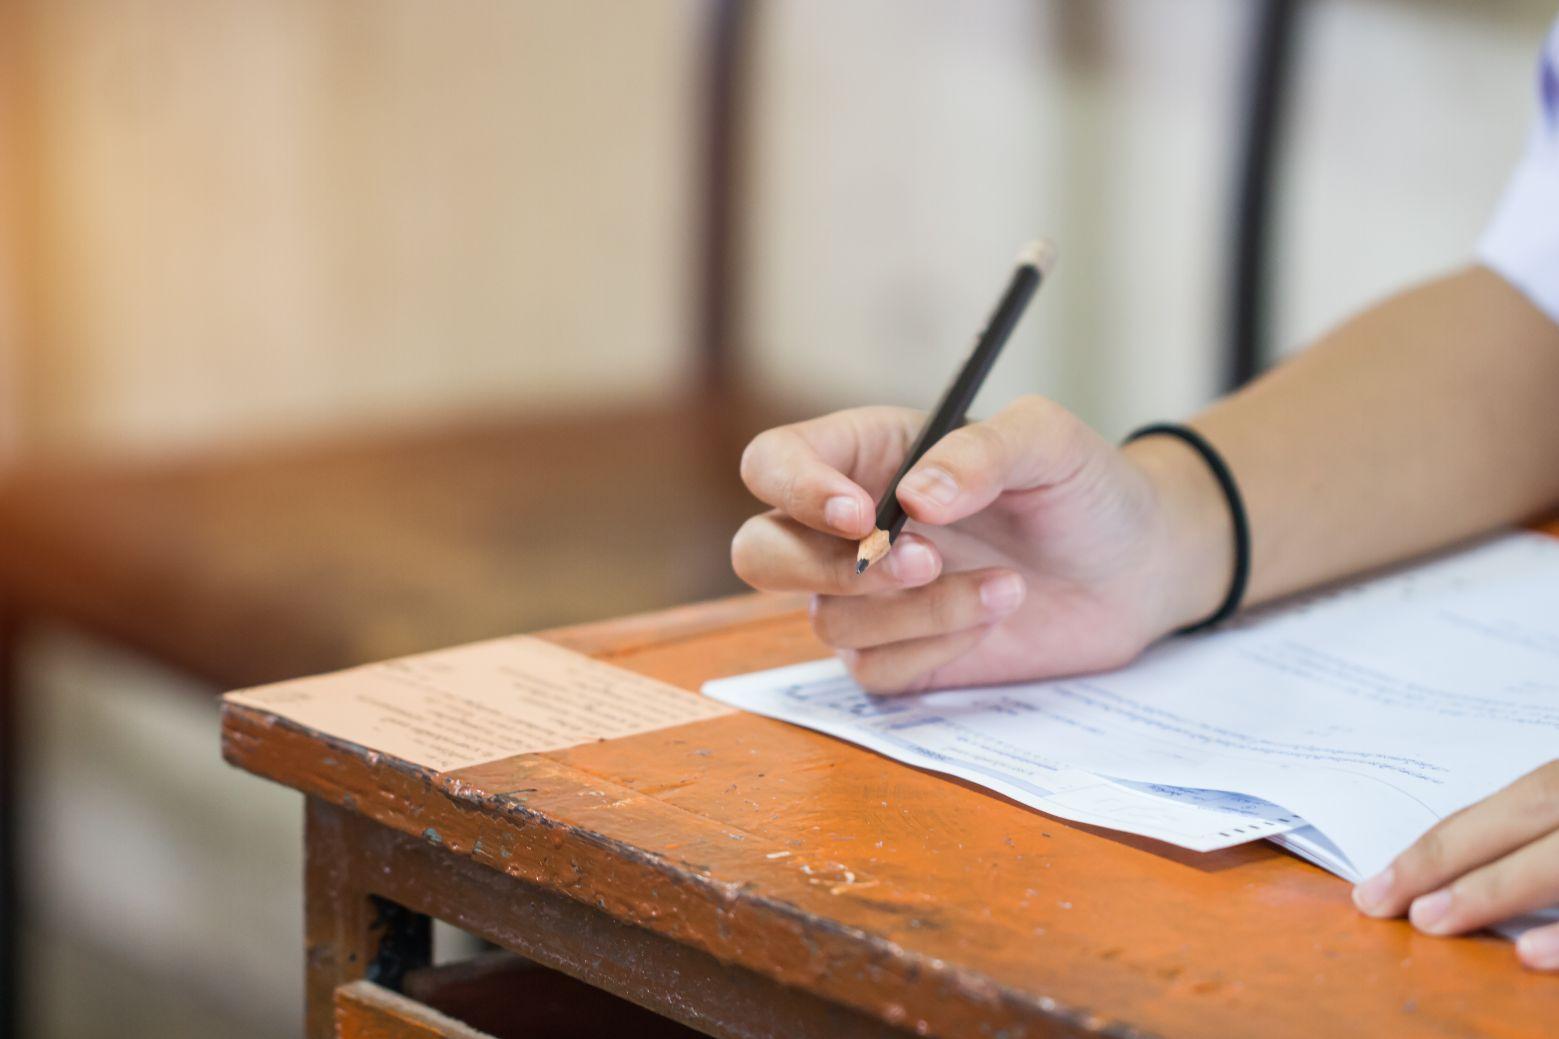 【大学・専門学校入試の自己PR】評価される3つの書き方とは